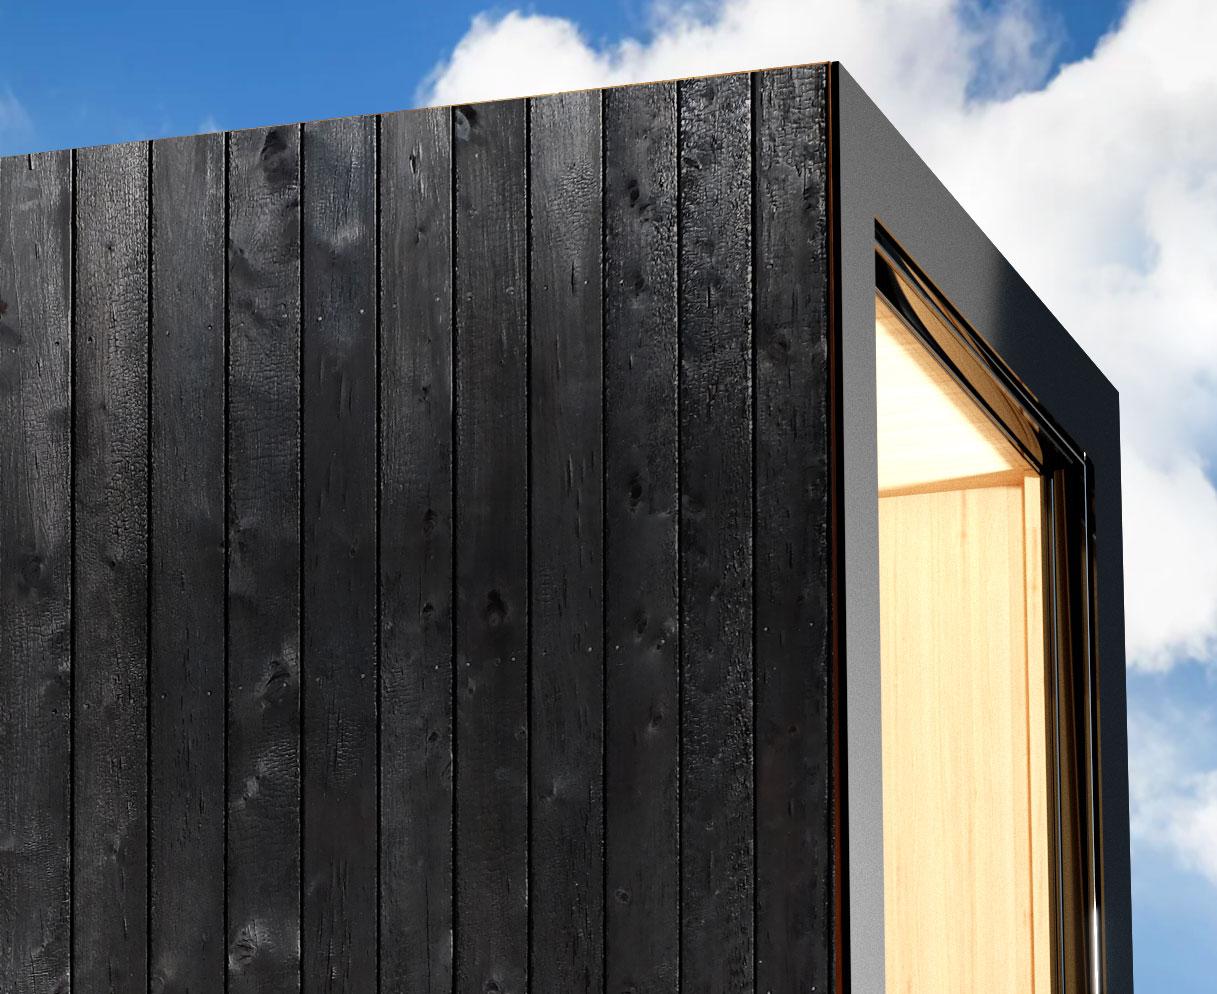 novablok une maison colo modulaire pr fabriqu e sans ancrage et sans permis de construire. Black Bedroom Furniture Sets. Home Design Ideas